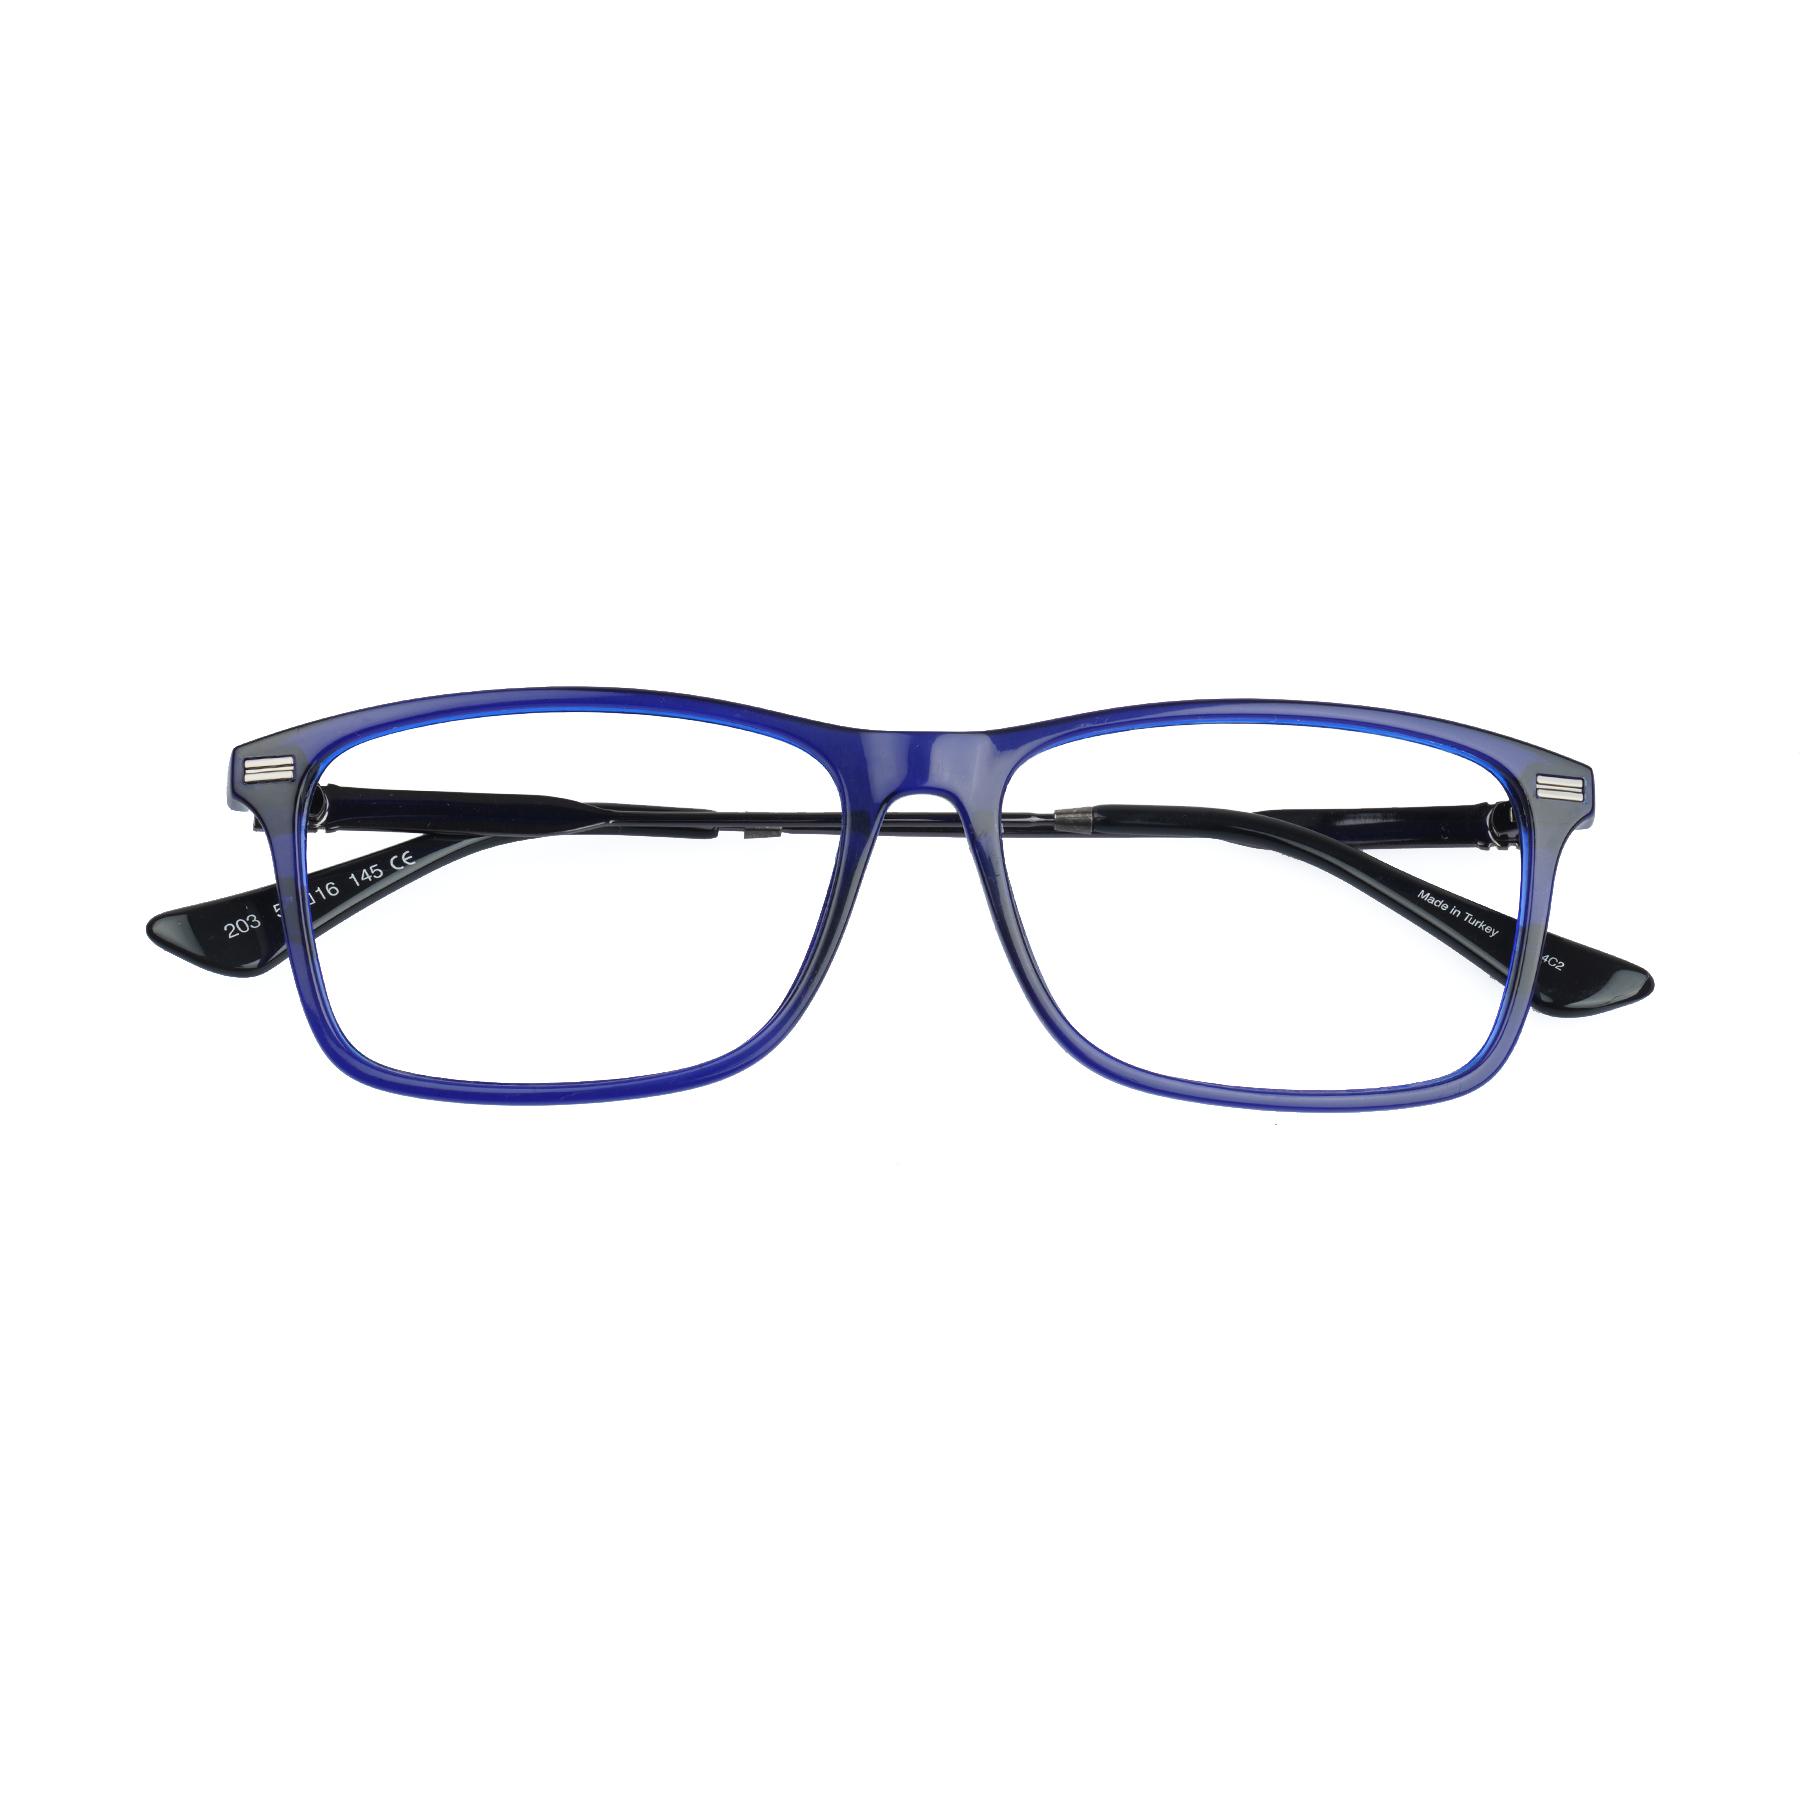 Vinaldi Plus 203 Gözlük Çerçevesi